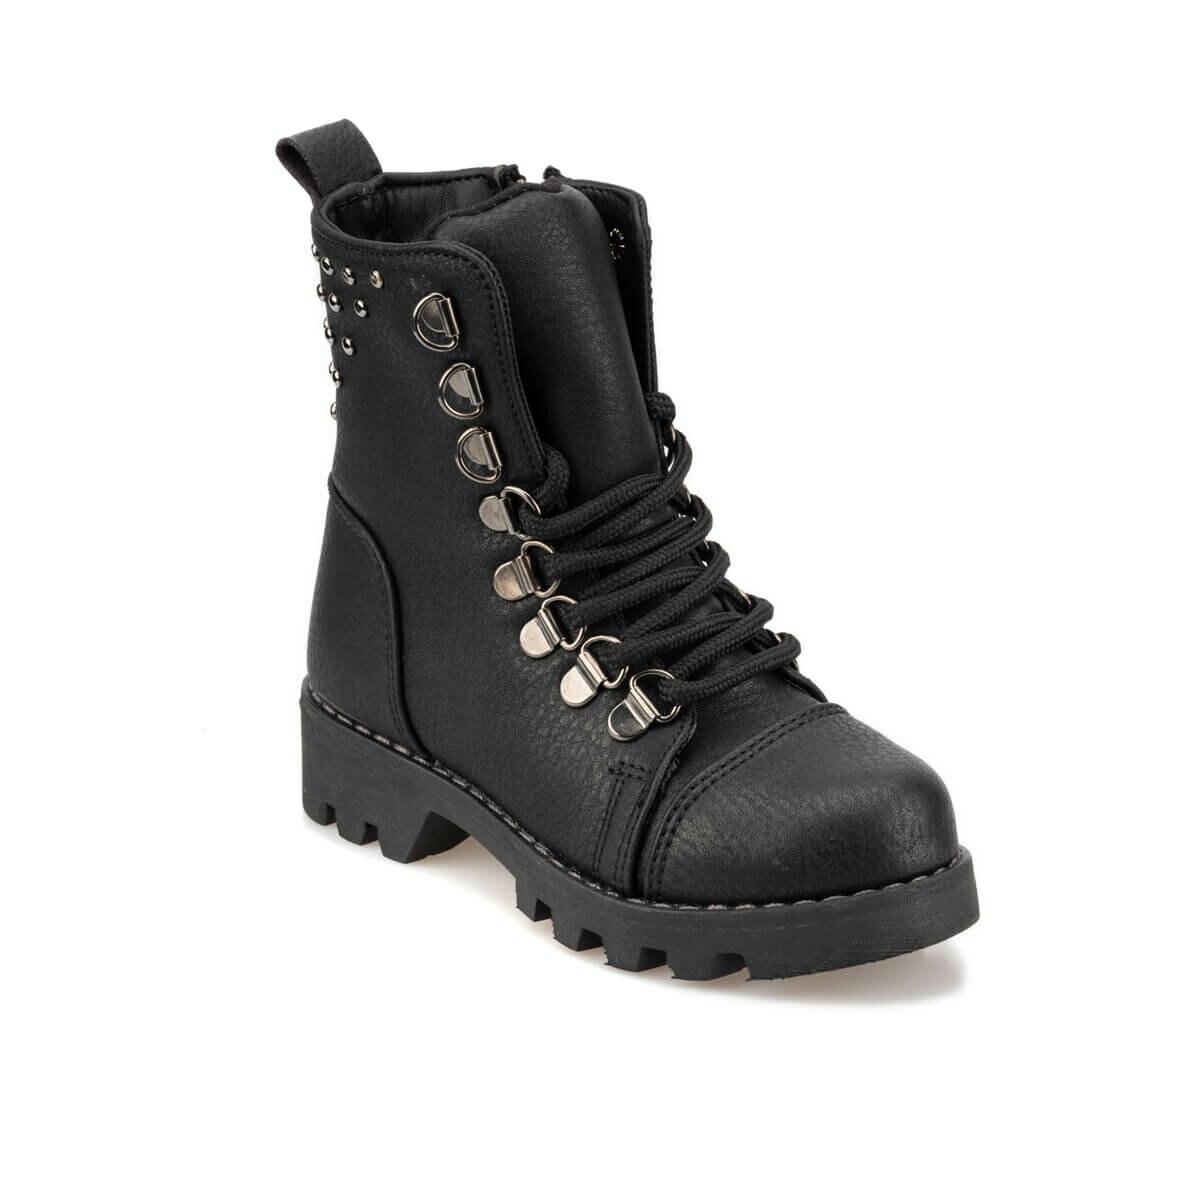 FLO 92.511820.P Black Female Child Boots Polaris